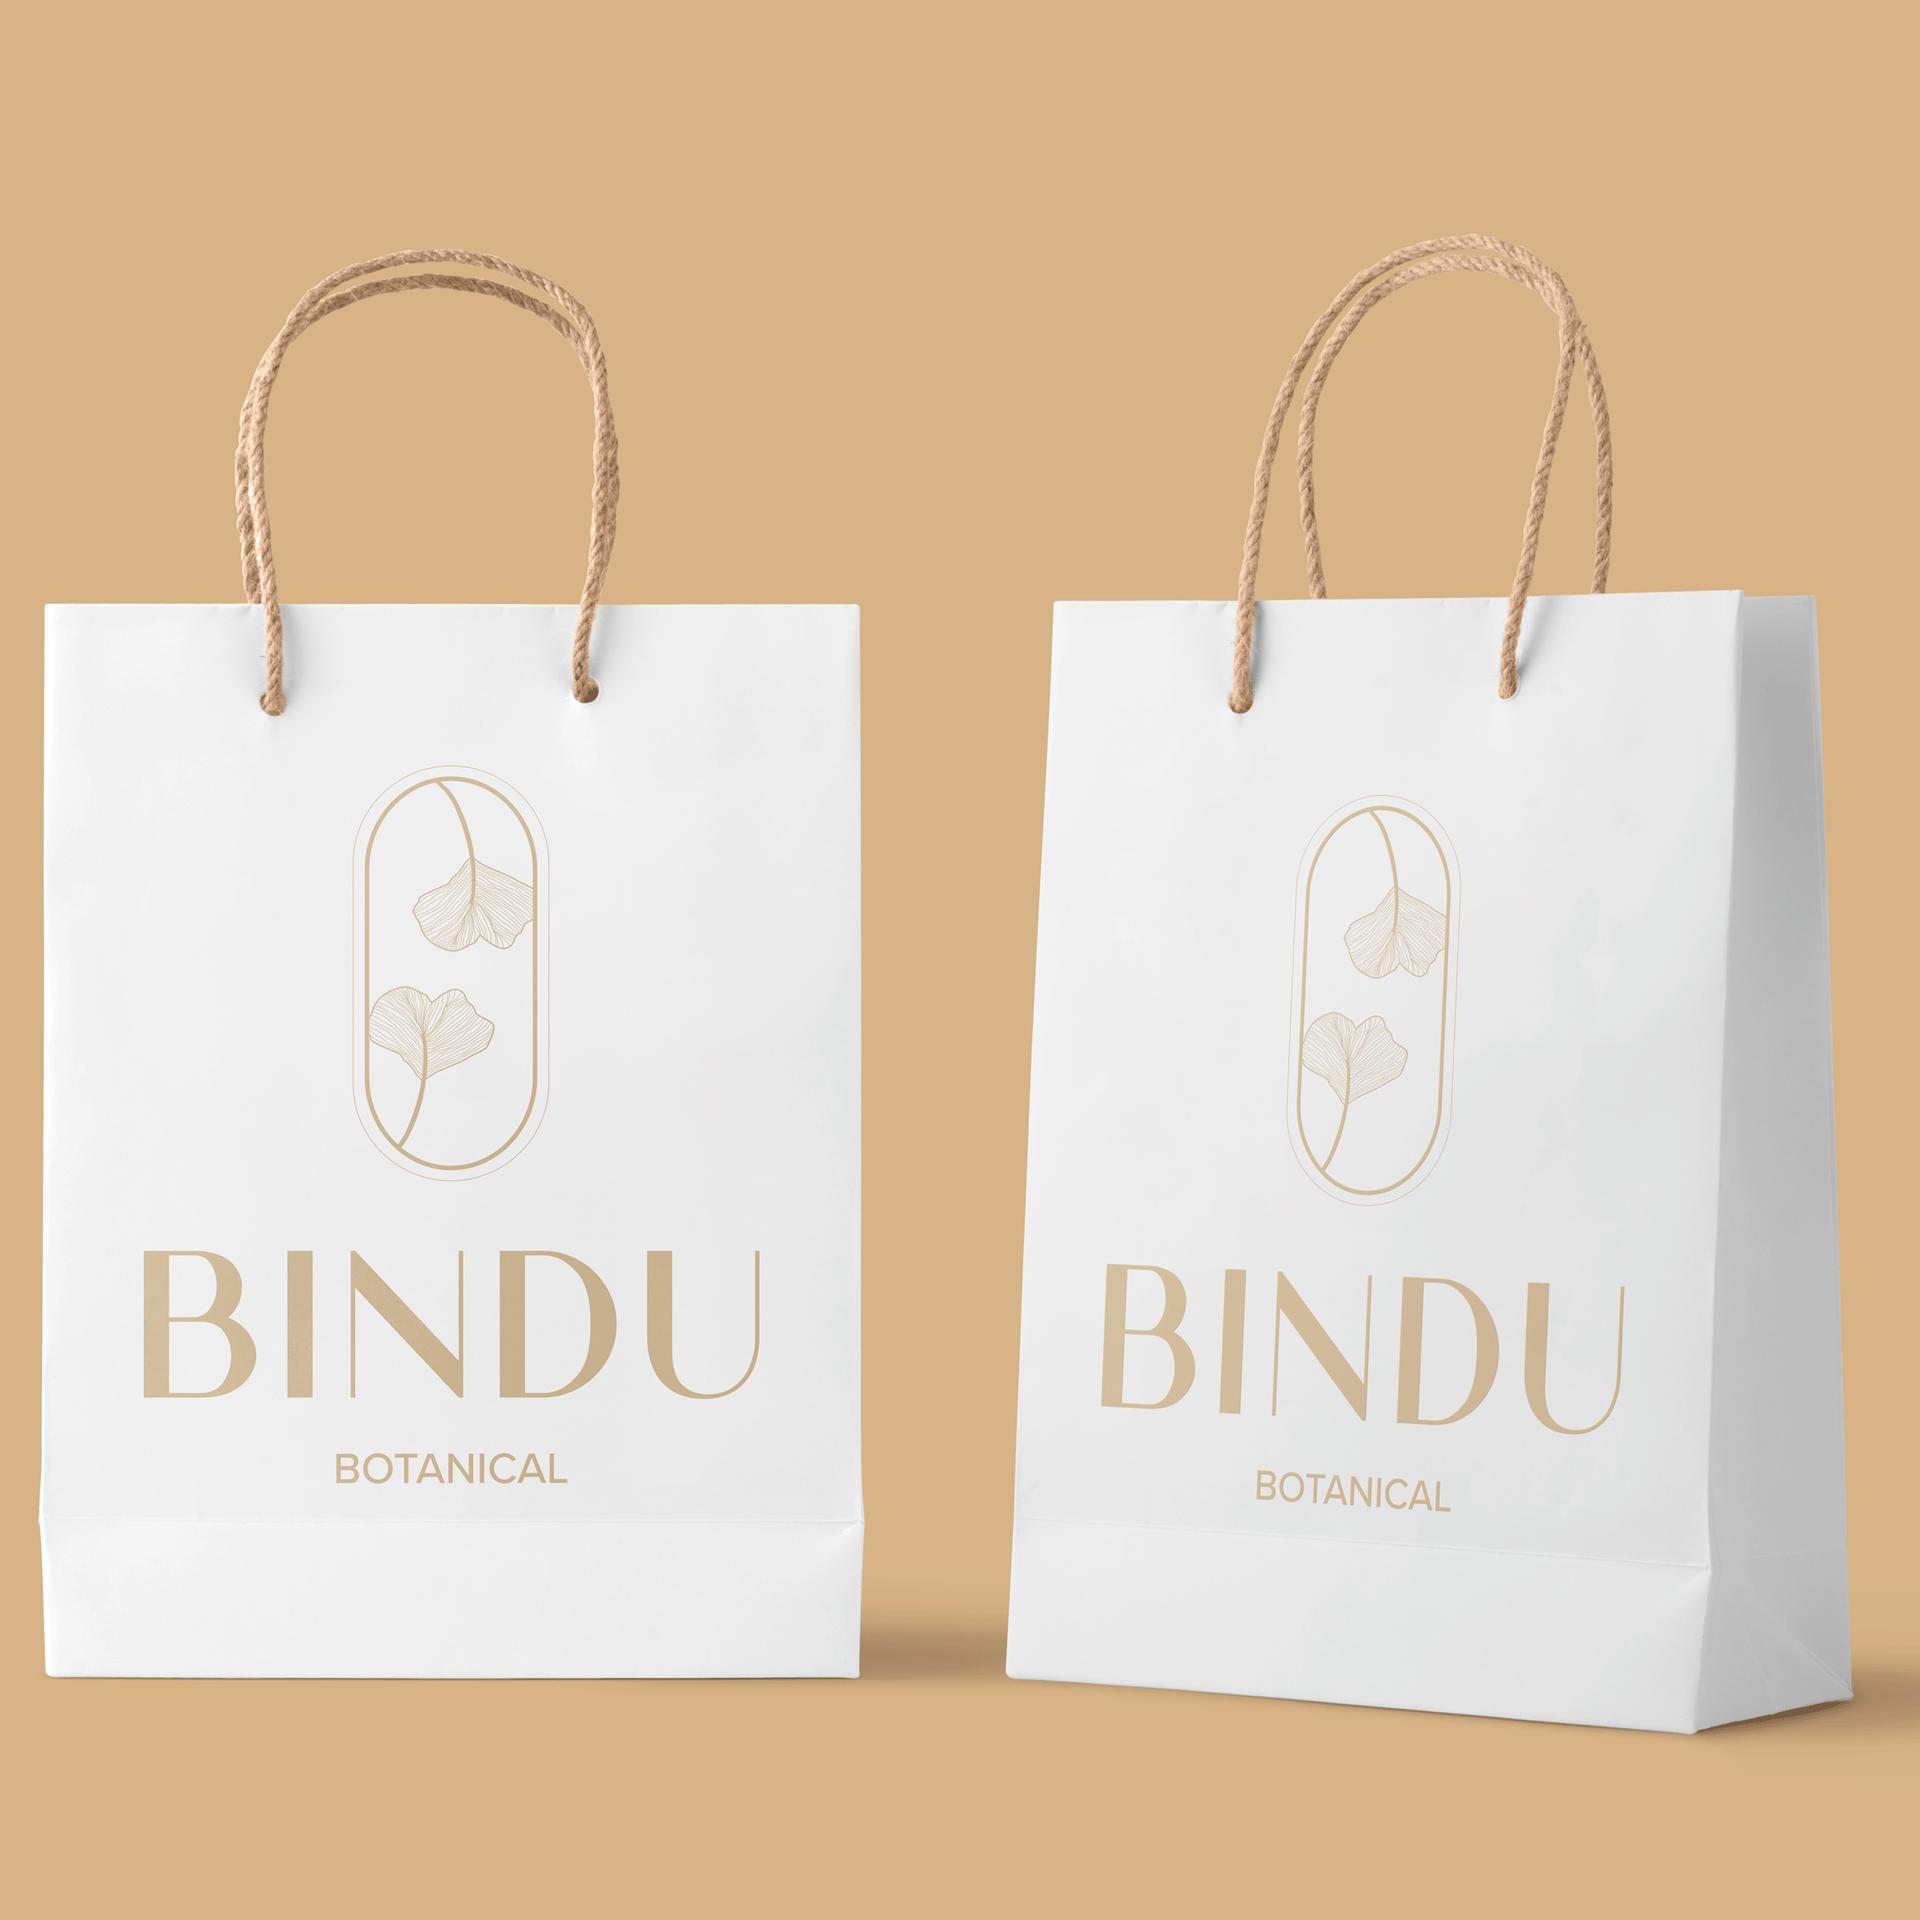 Mockup-bags_bindu_ATredinick.png